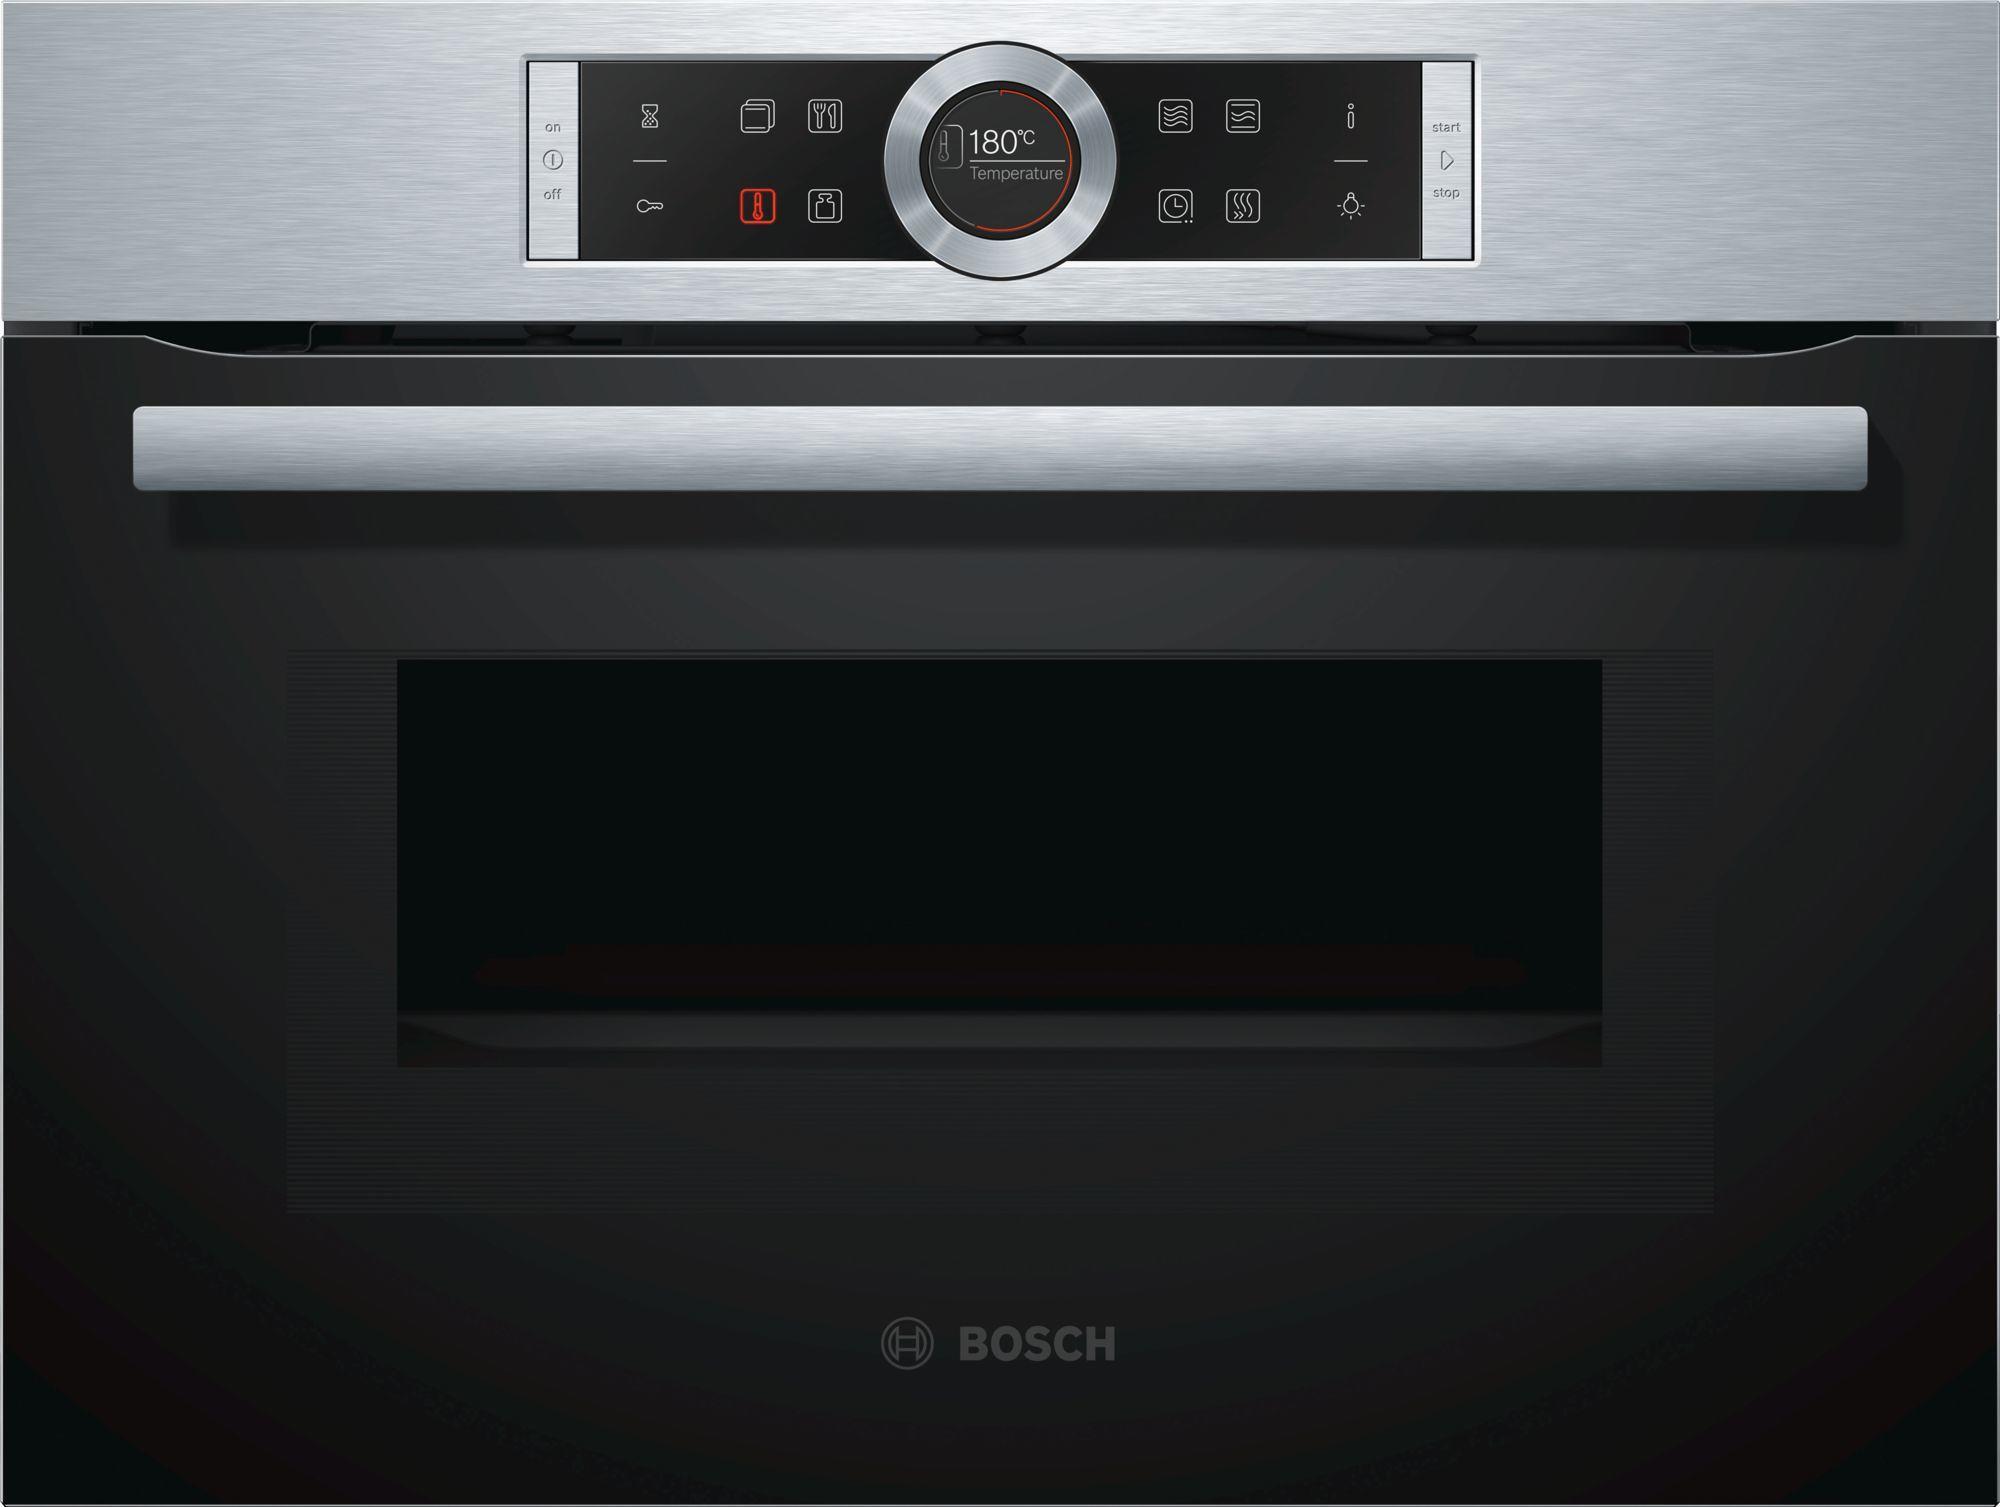 Bosch Cmg633bs1 Einbau Kompakt Backofen Mit Mikrowelle 45 L